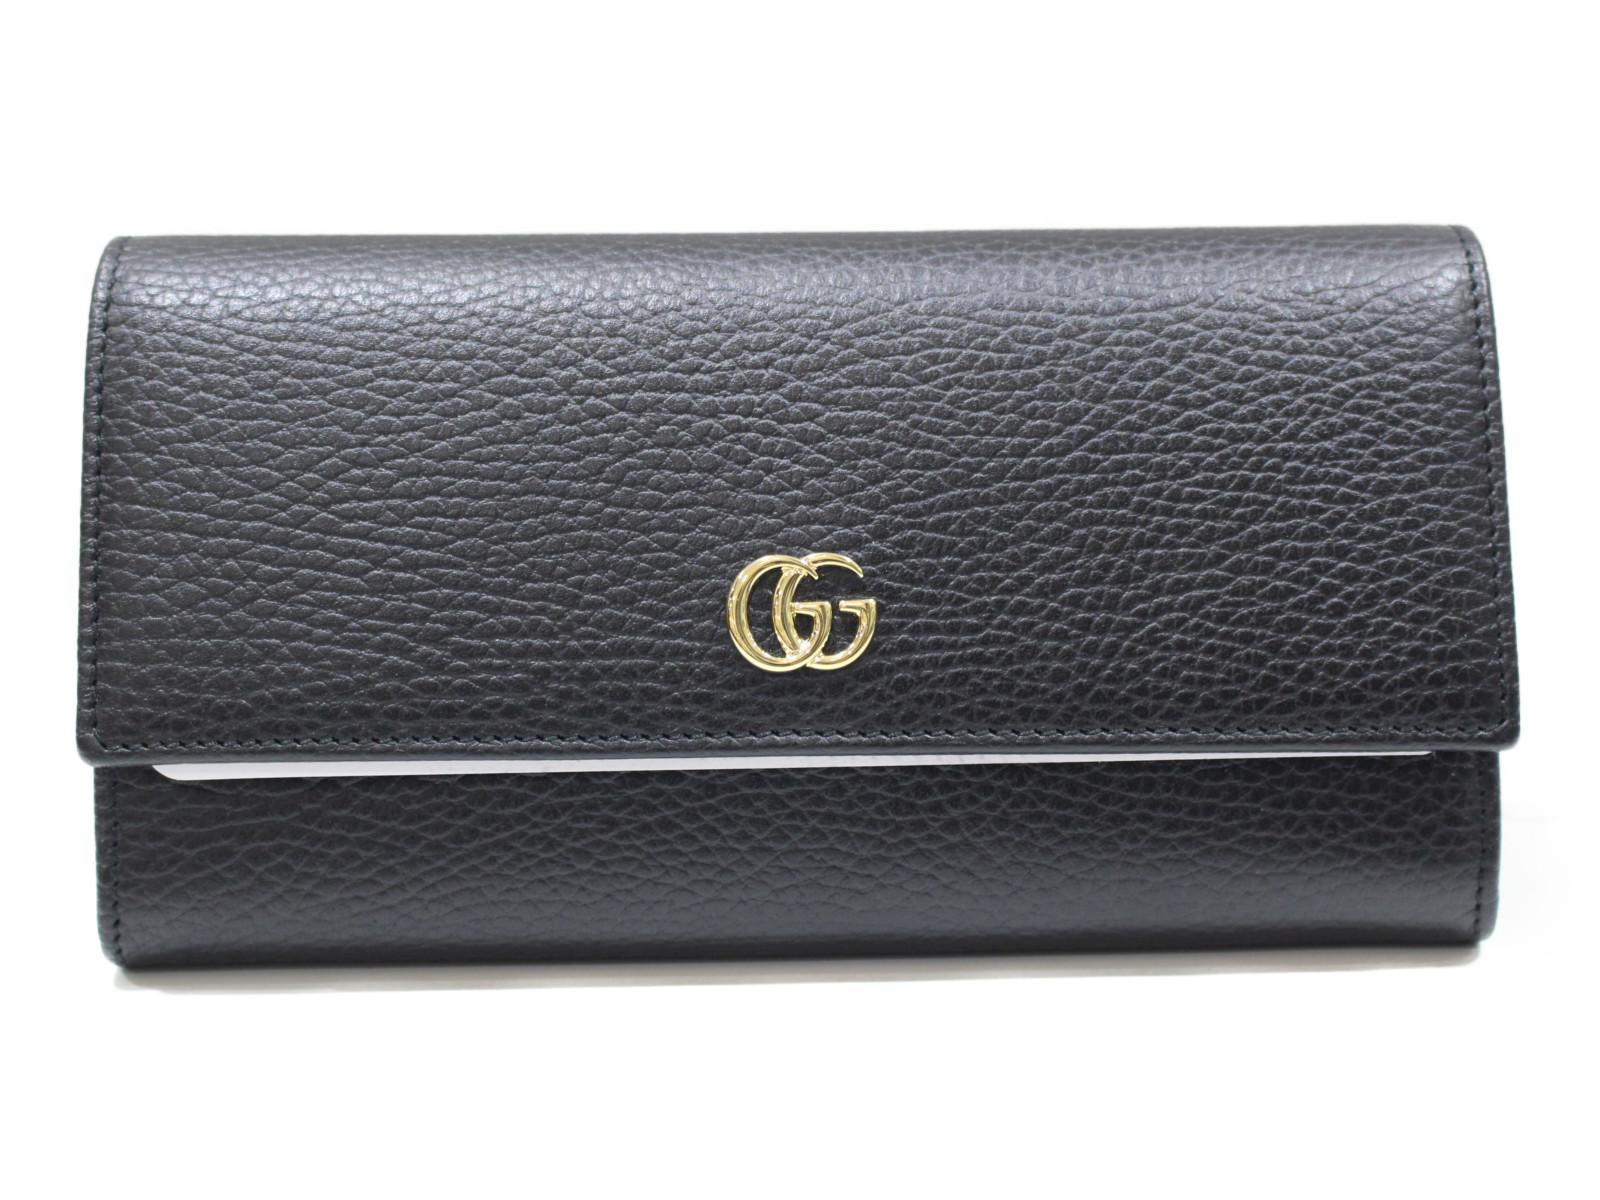 【未使用品】 Gucci グッチ GGマーモント コンチネンタルウォレット 456116 ブラック×ゴールド金具 レザー レディース ユニセックス メンズ ウィメンズ 長財布 ボタン式【中古】